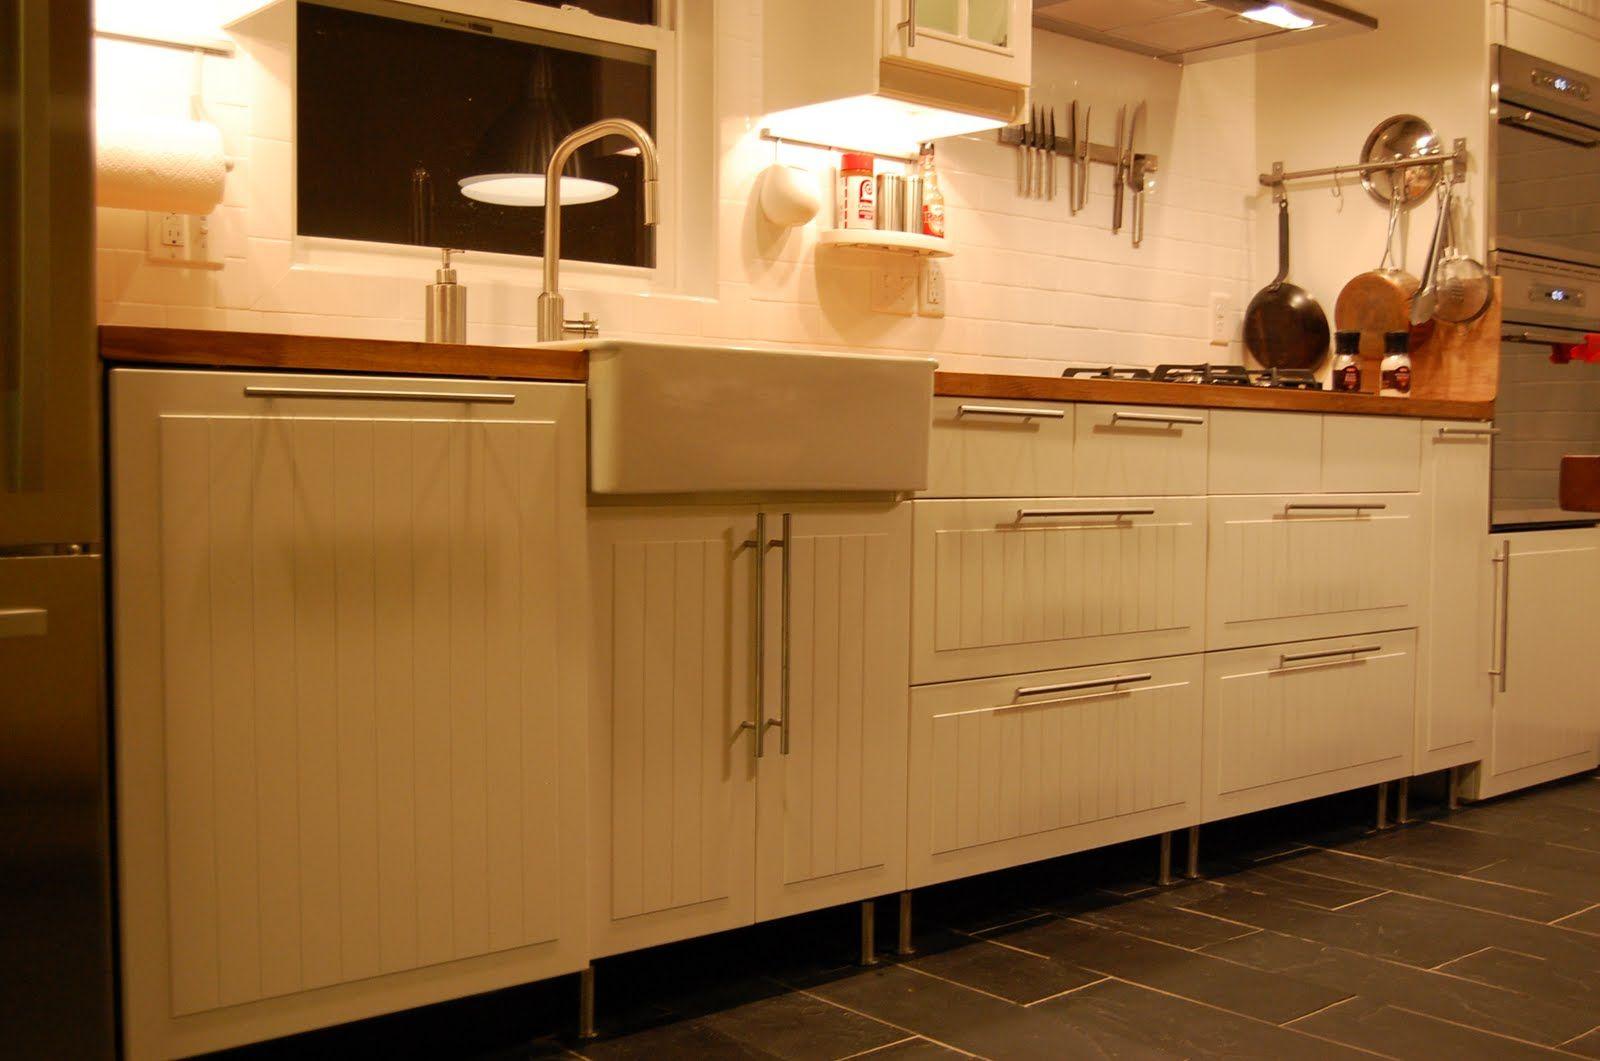 Vistoso Ikea Fotos De Cocina Ideas Imagen - Como Decorar la Cocina ...